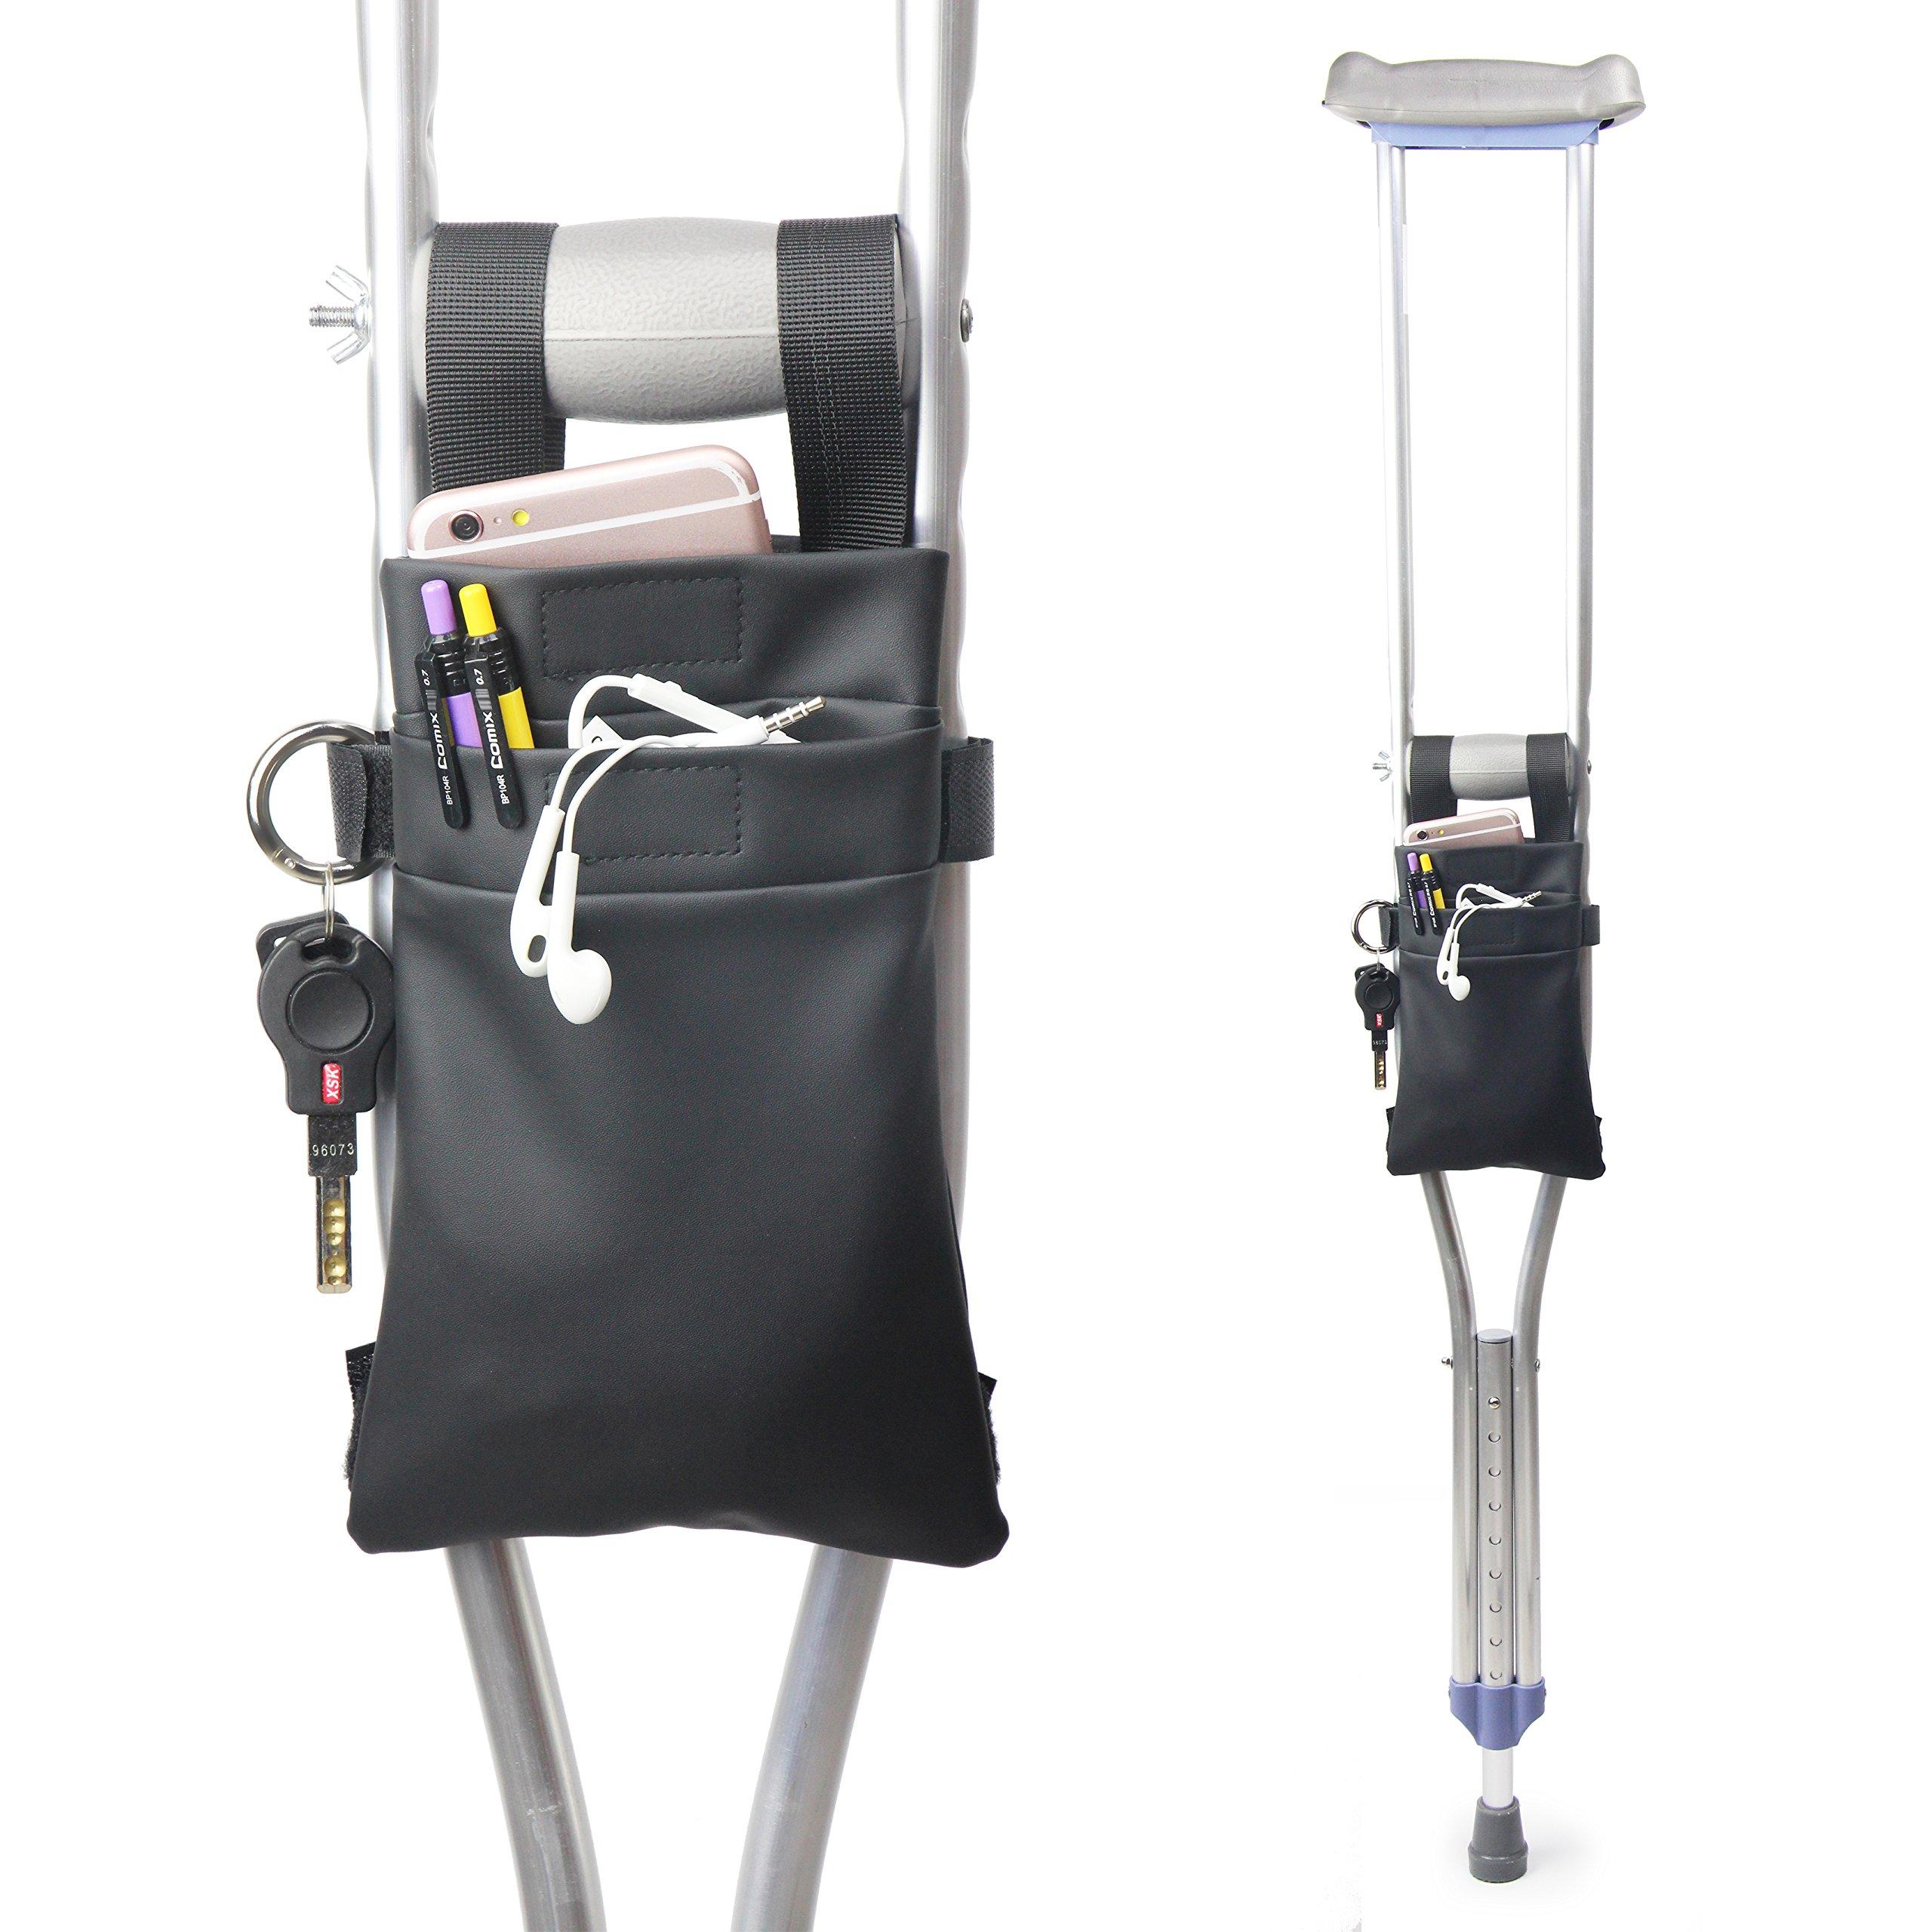 Crutch Bag Universal Crutches Accessory Crutch Carryon Pouch (Black, Pu Leather)